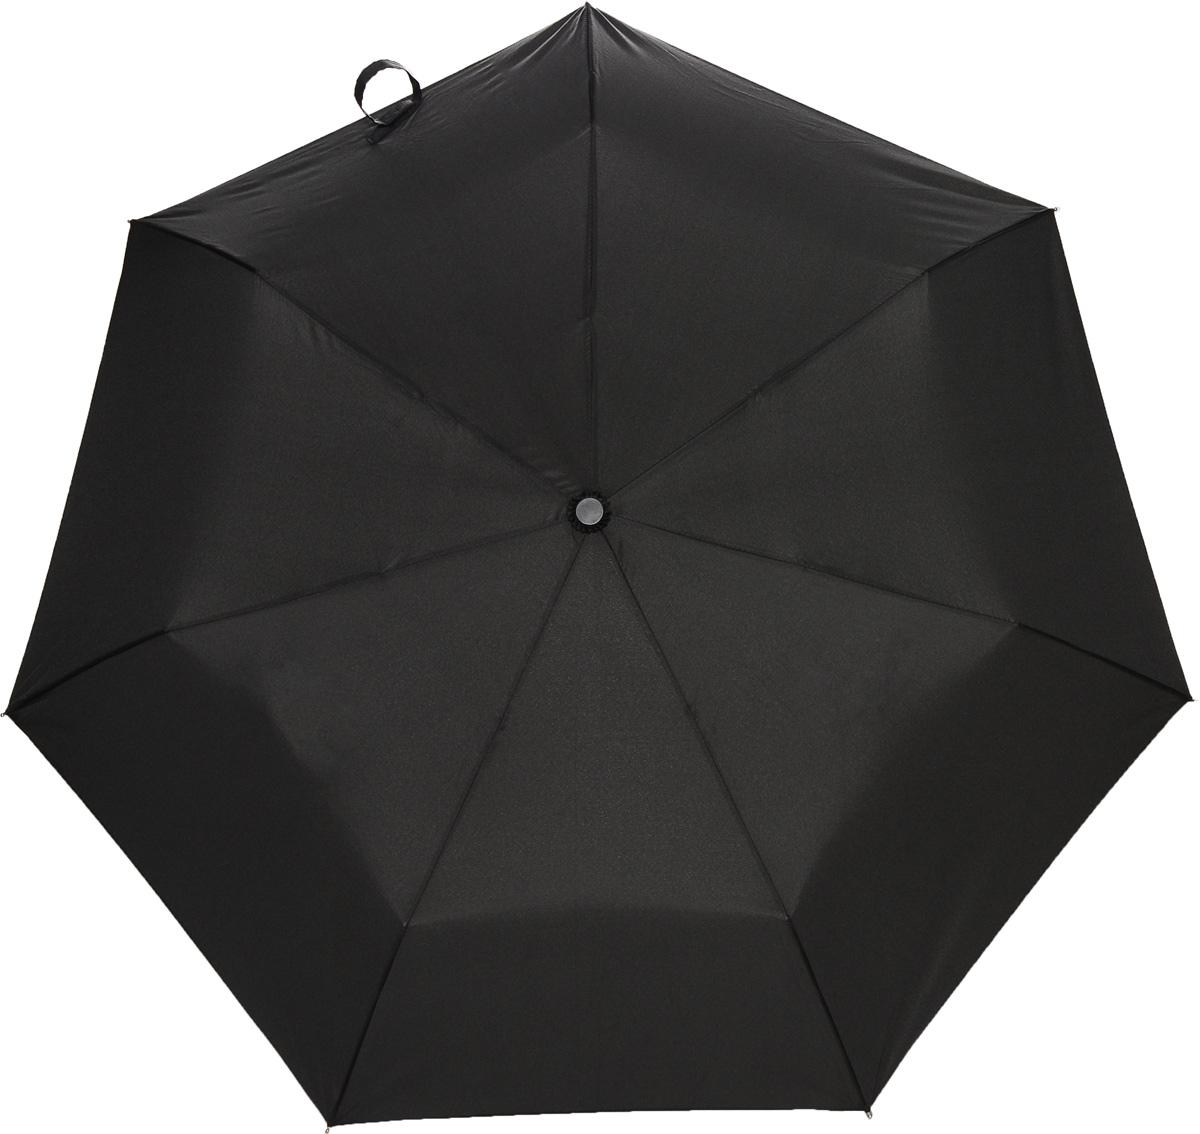 C-Collection 226 Зонт полный автом. 3 сл. муж.191I-1714Зонт испанского производителя Clima. В производстве зонтов используются современные материалы, что делает зонты легкими, но в то же время крепкими. Полный автомат, 3 сложения, 7 спиц по 55см, полиэстер.